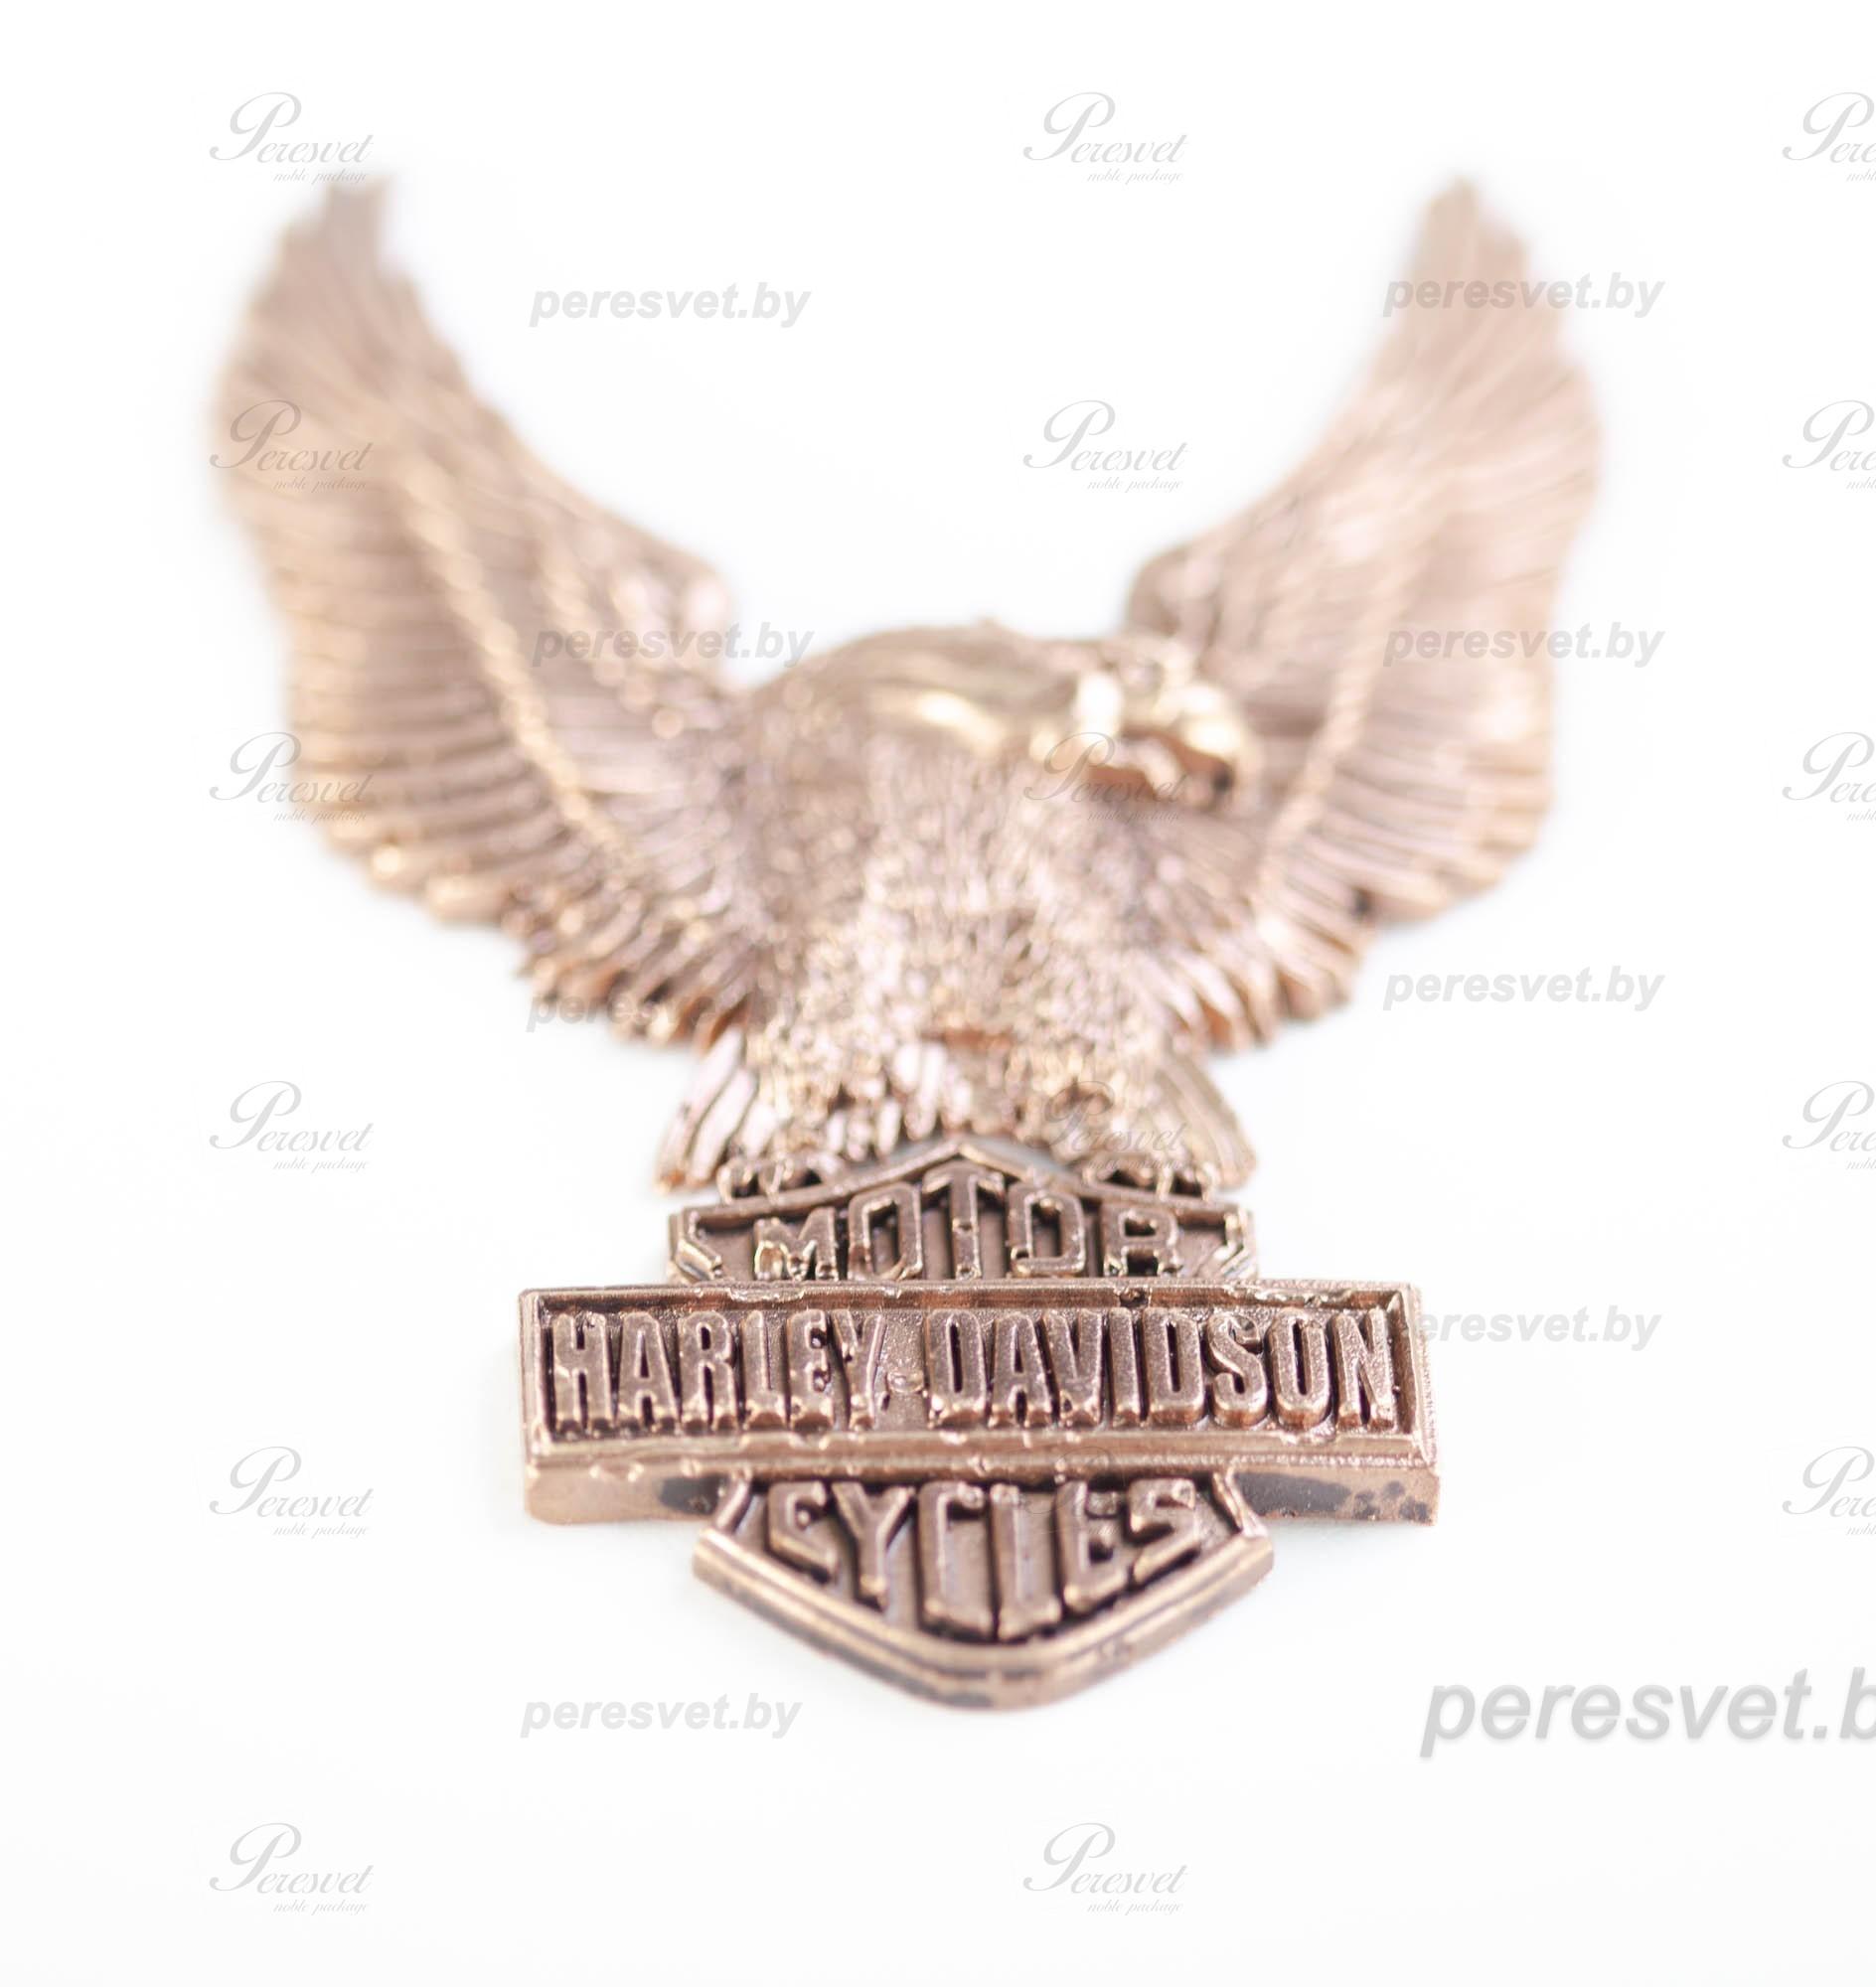 Символ HARLEY-DAVIDSON художественное литьё из бронзы на peresvet.by